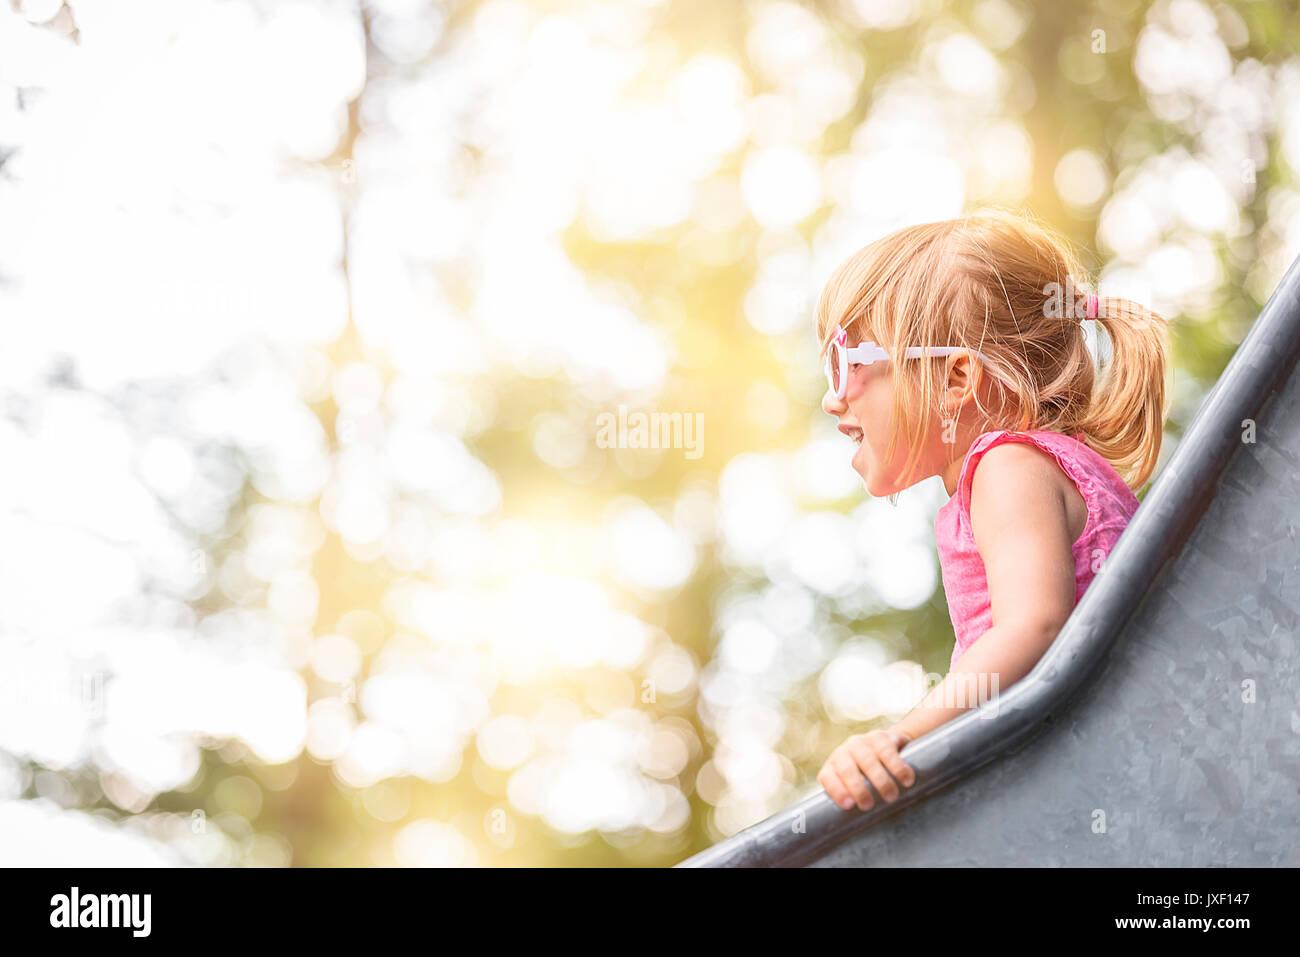 Image en gros plan avec une petite fille s'amusant sur une diapositive à partir d'une aire de jeux, sur une journée ensoleillée. Photo Stock